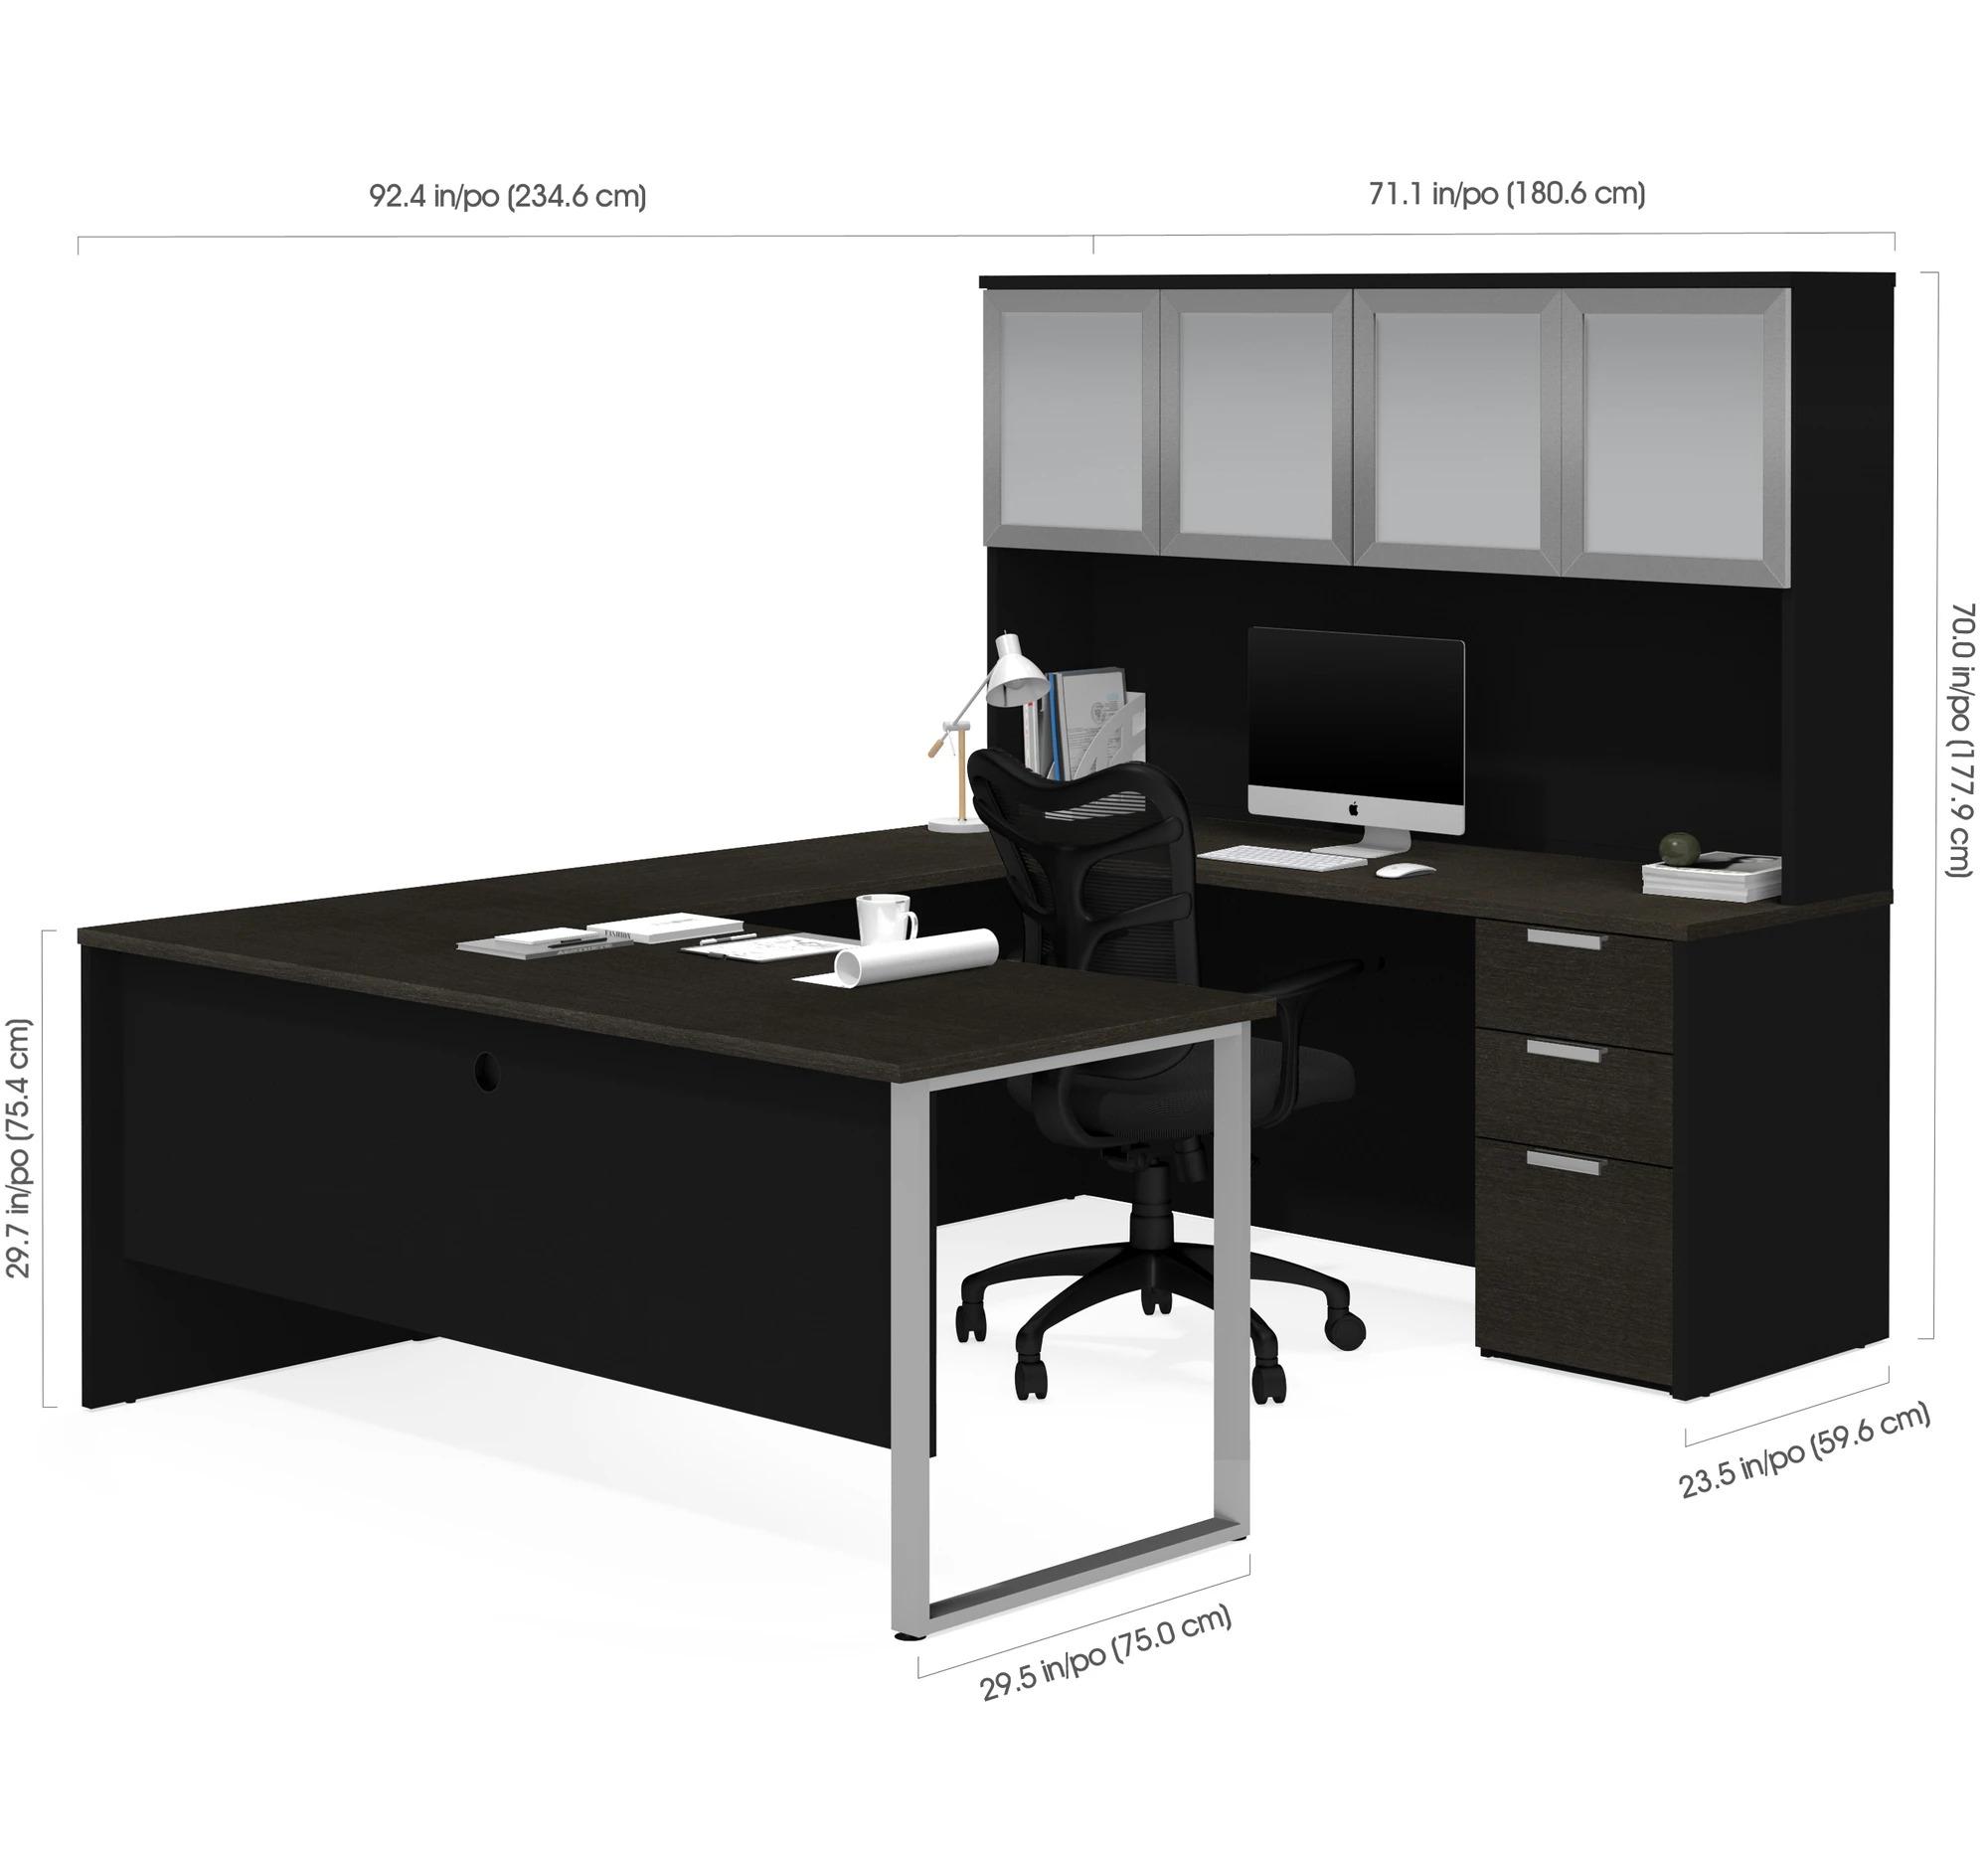 sản phẩm nội thất văn phòng tại hà nội